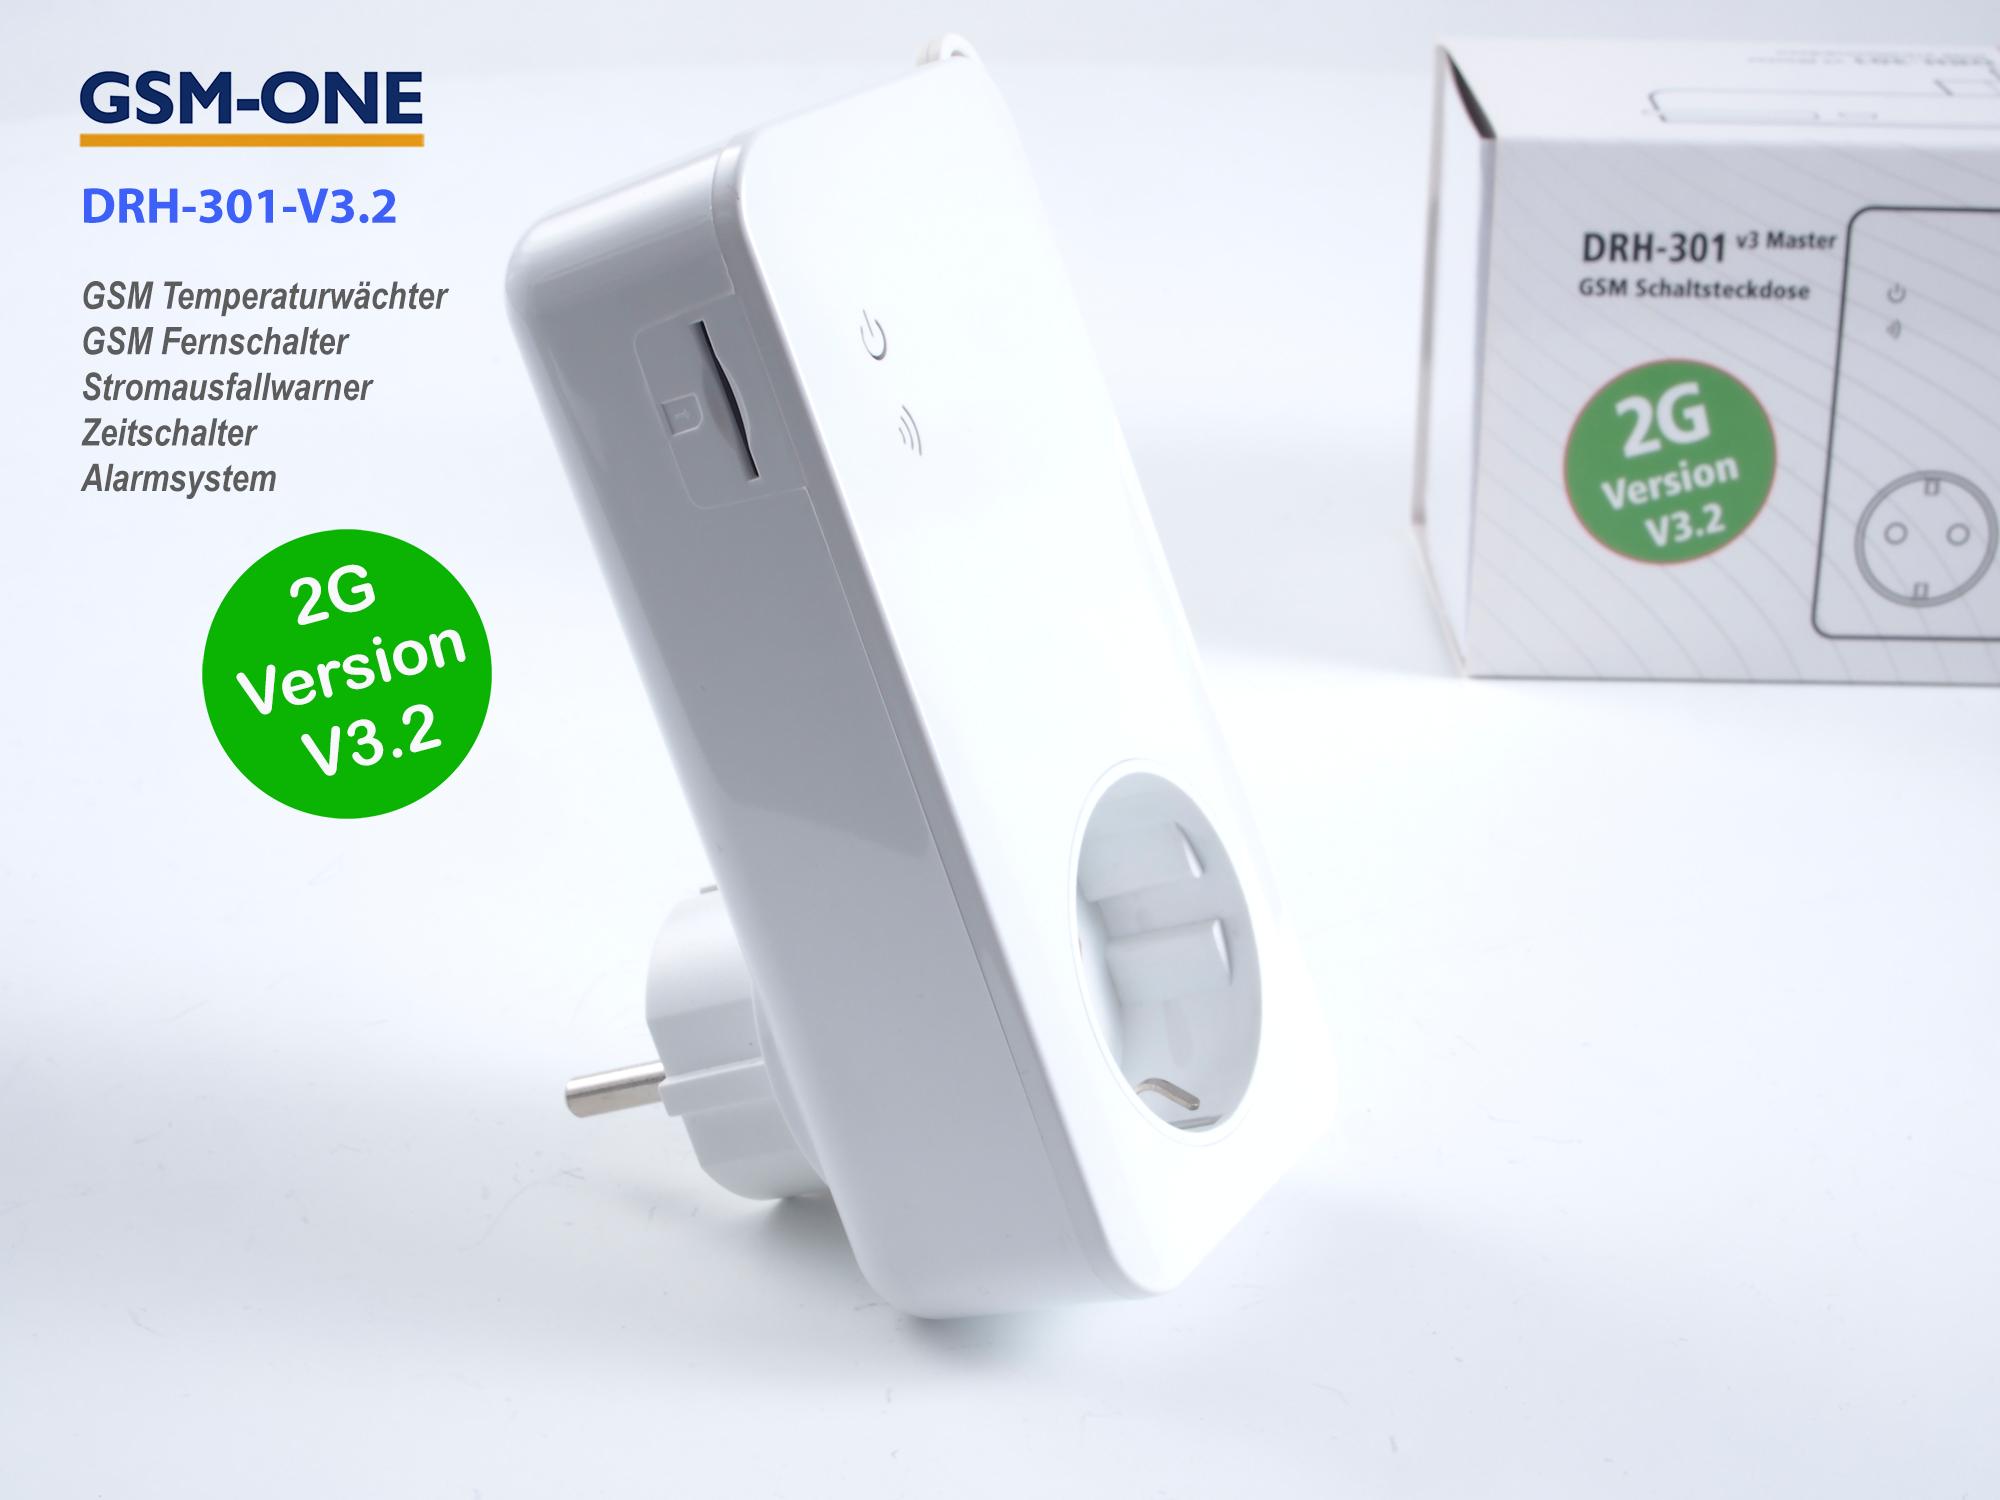 Fernschalter und Temperaturwächter DRH-301-V3.2 MASTER analog + digital  (2G)